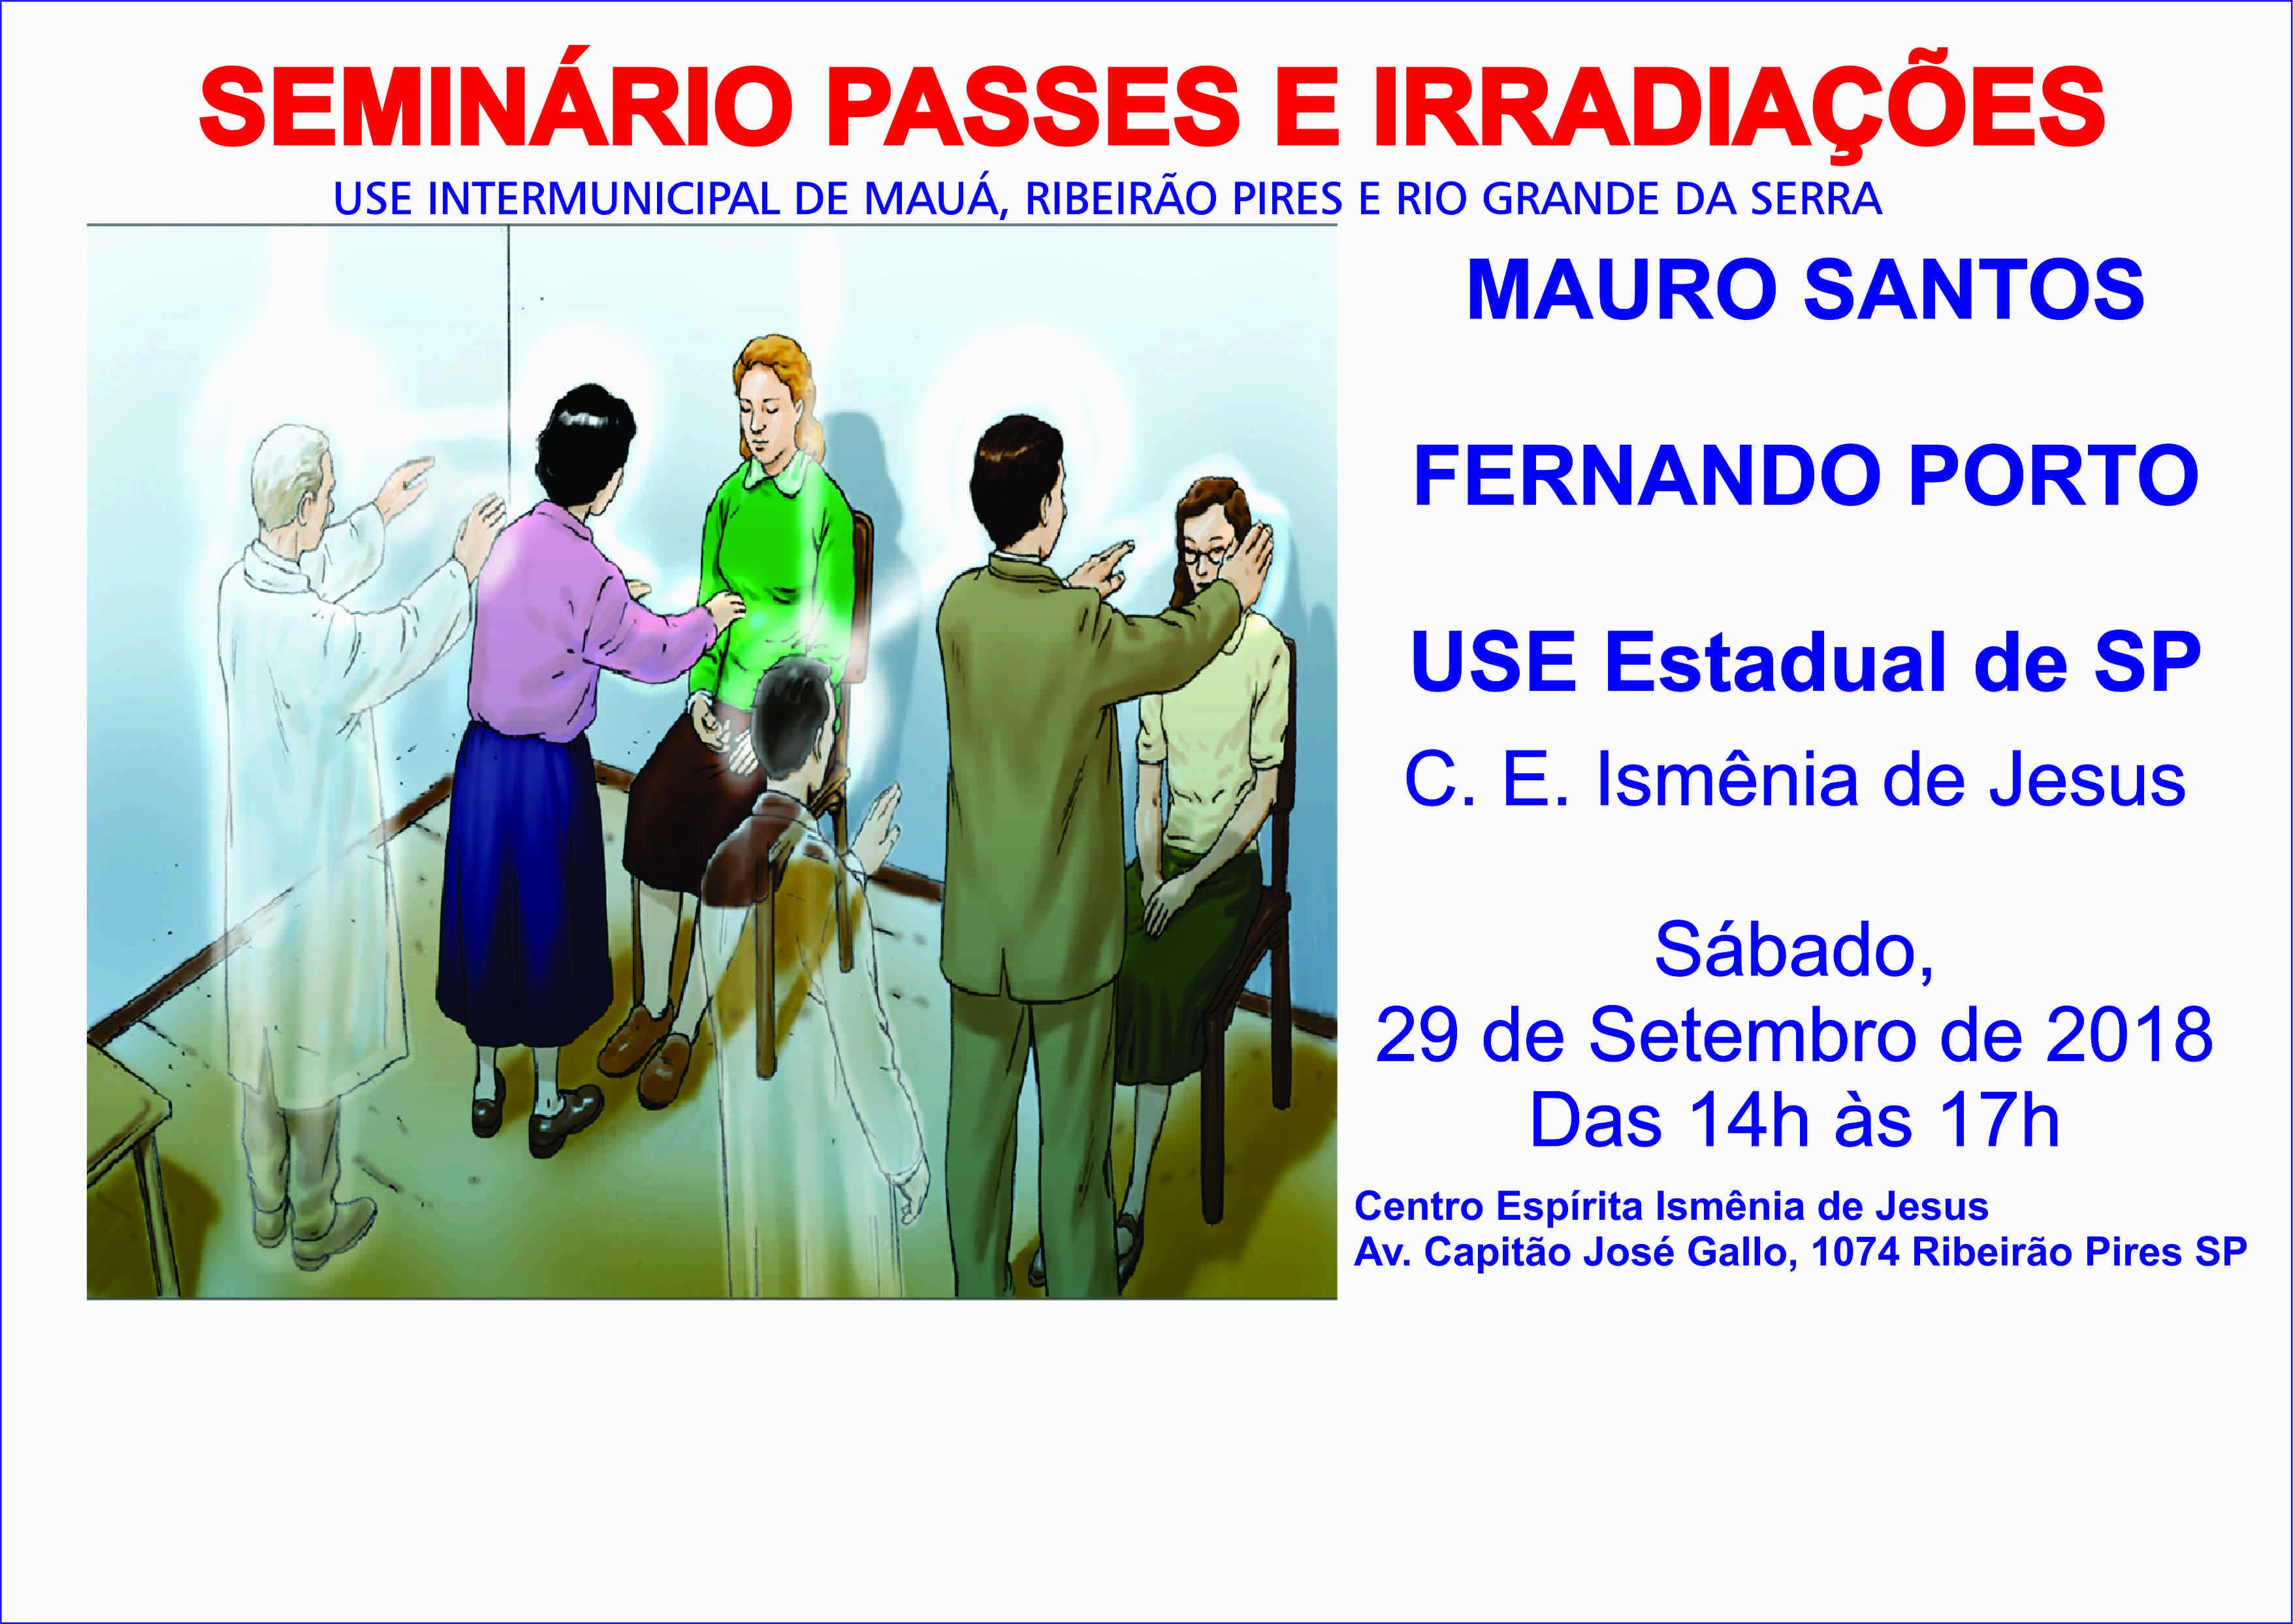 Sábado, dia 29-09, das 14h as 17h, com Mauro Santos no Centro Espírita Ismênia de Jesus